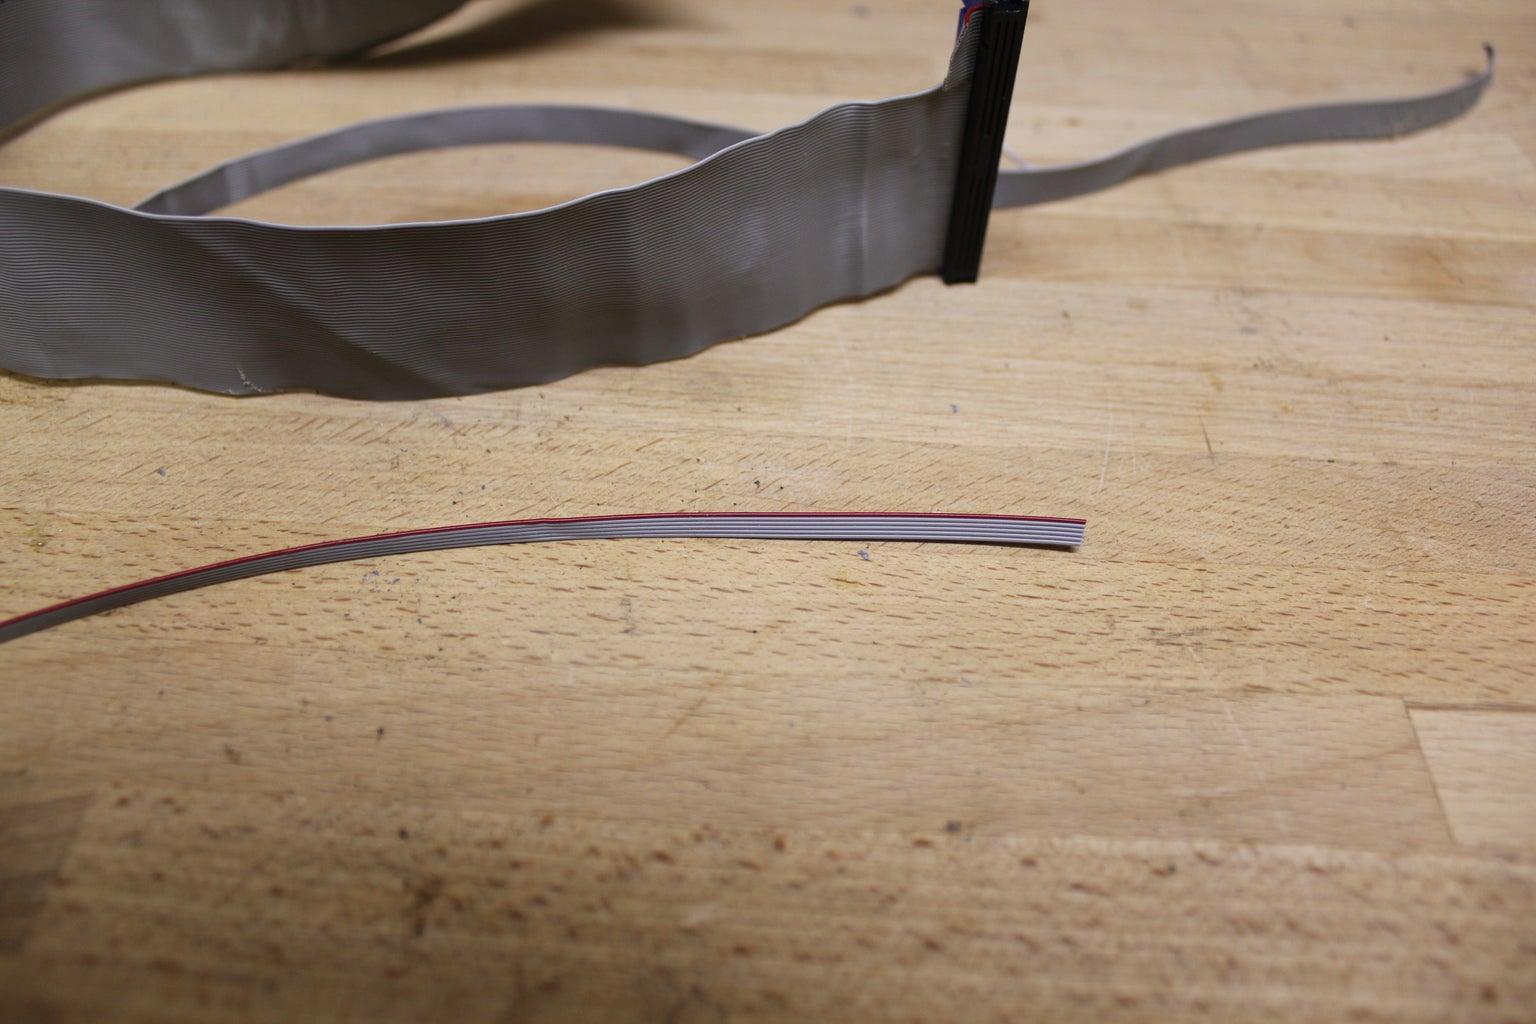 Ribbon Cable